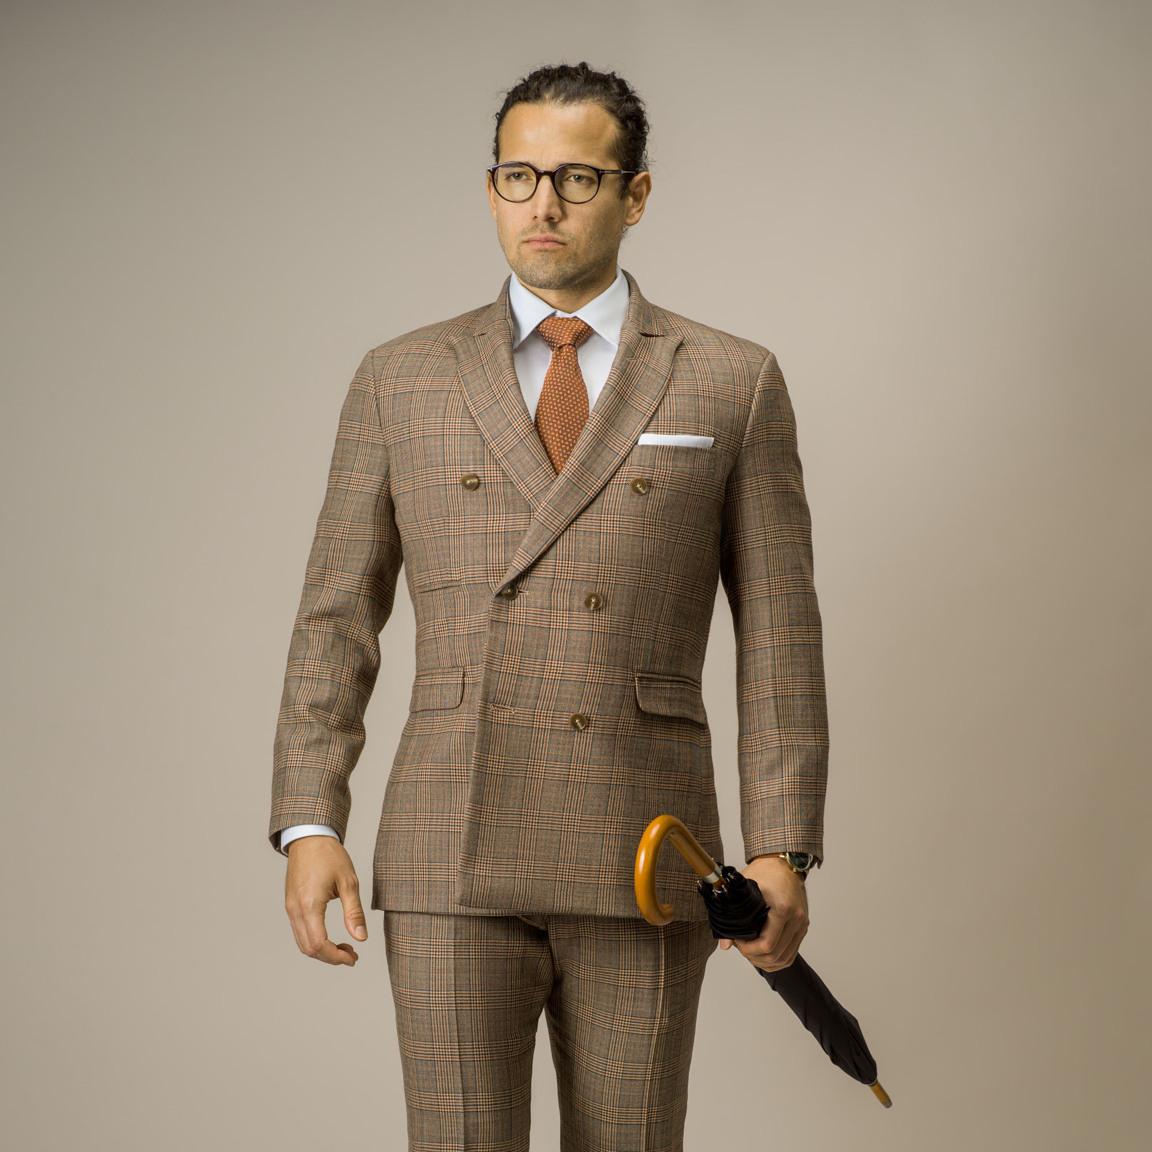 Tredelad dubbelknäppt kostym i ljusbrun glencheck